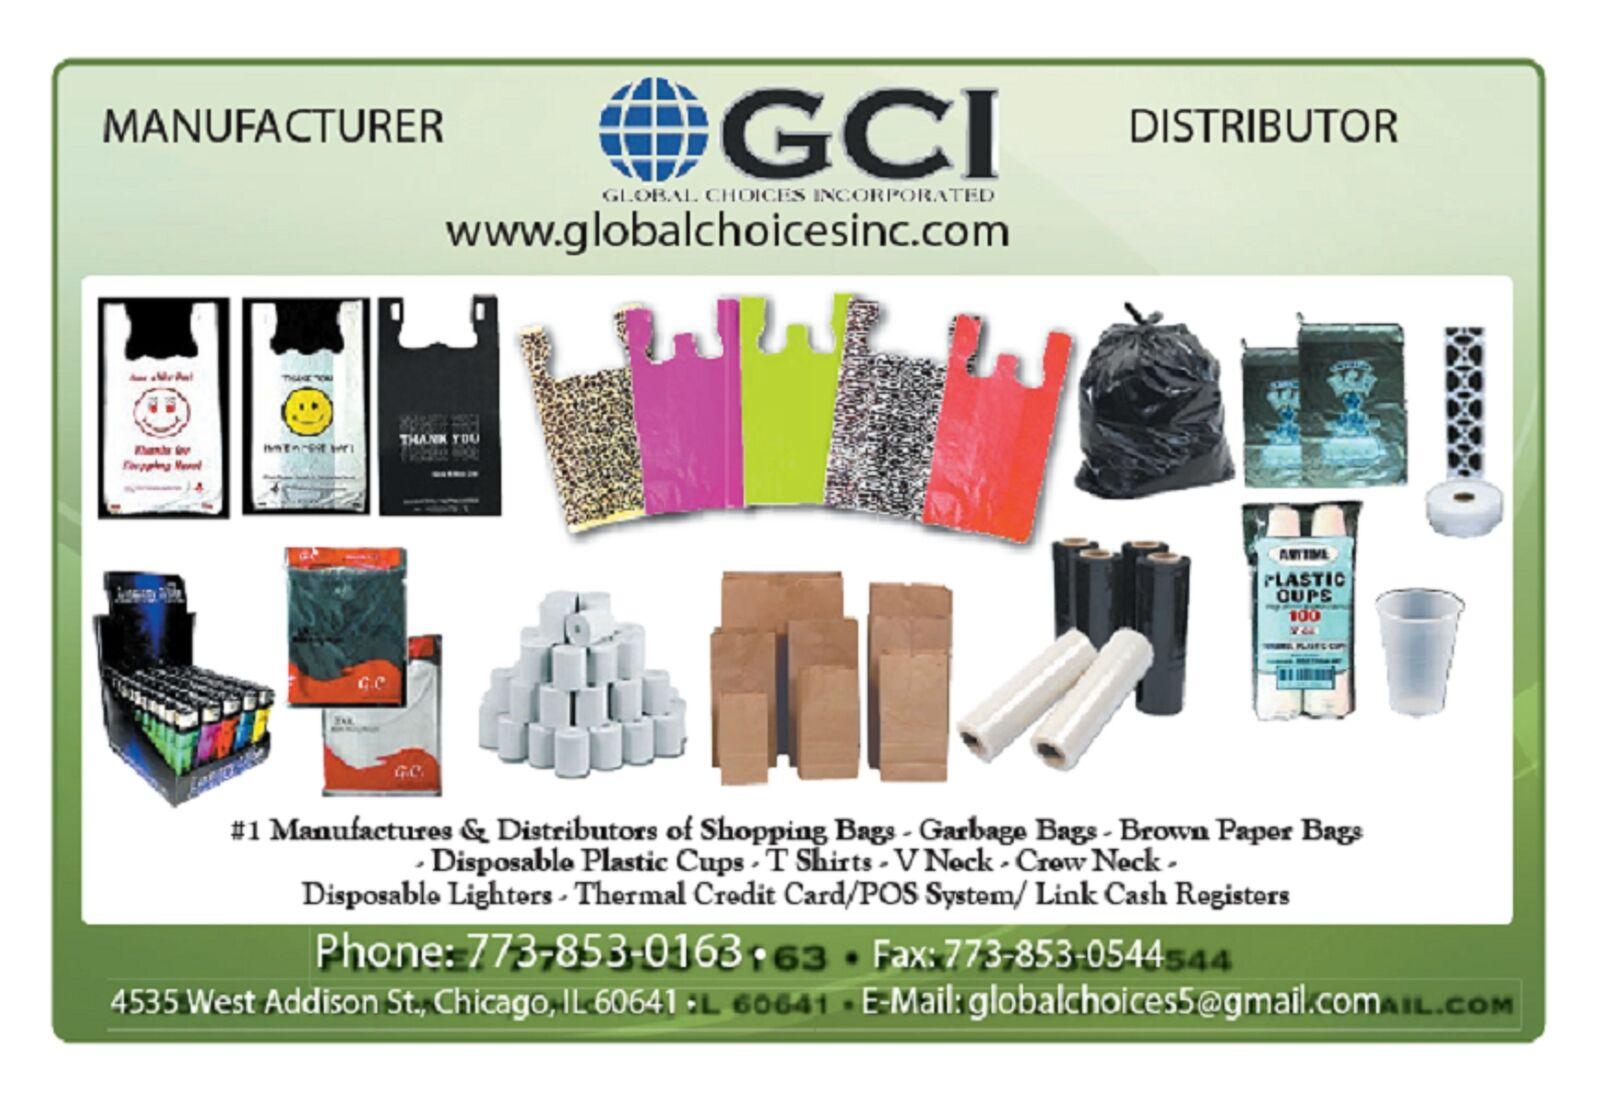 Global Choices Inc